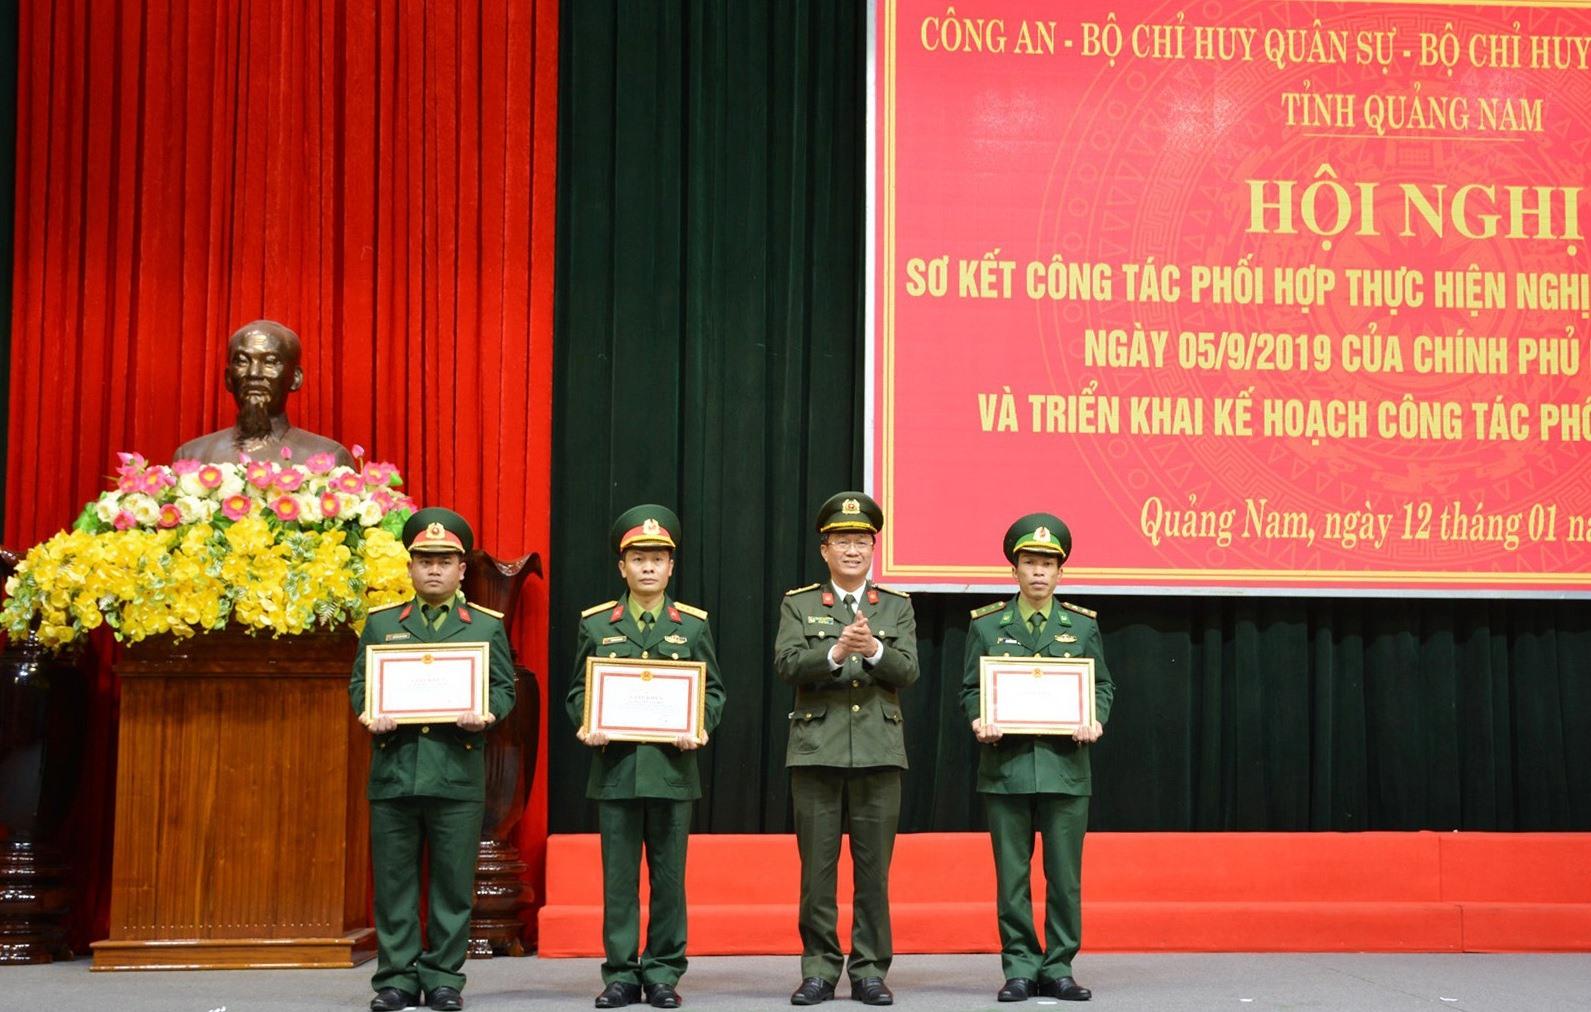 Khen thưởng các tập thể, cá nhân có thành tích xuất sắc trong công tác phối hợp giữa 3 lực lượng. Ảnh: M.T